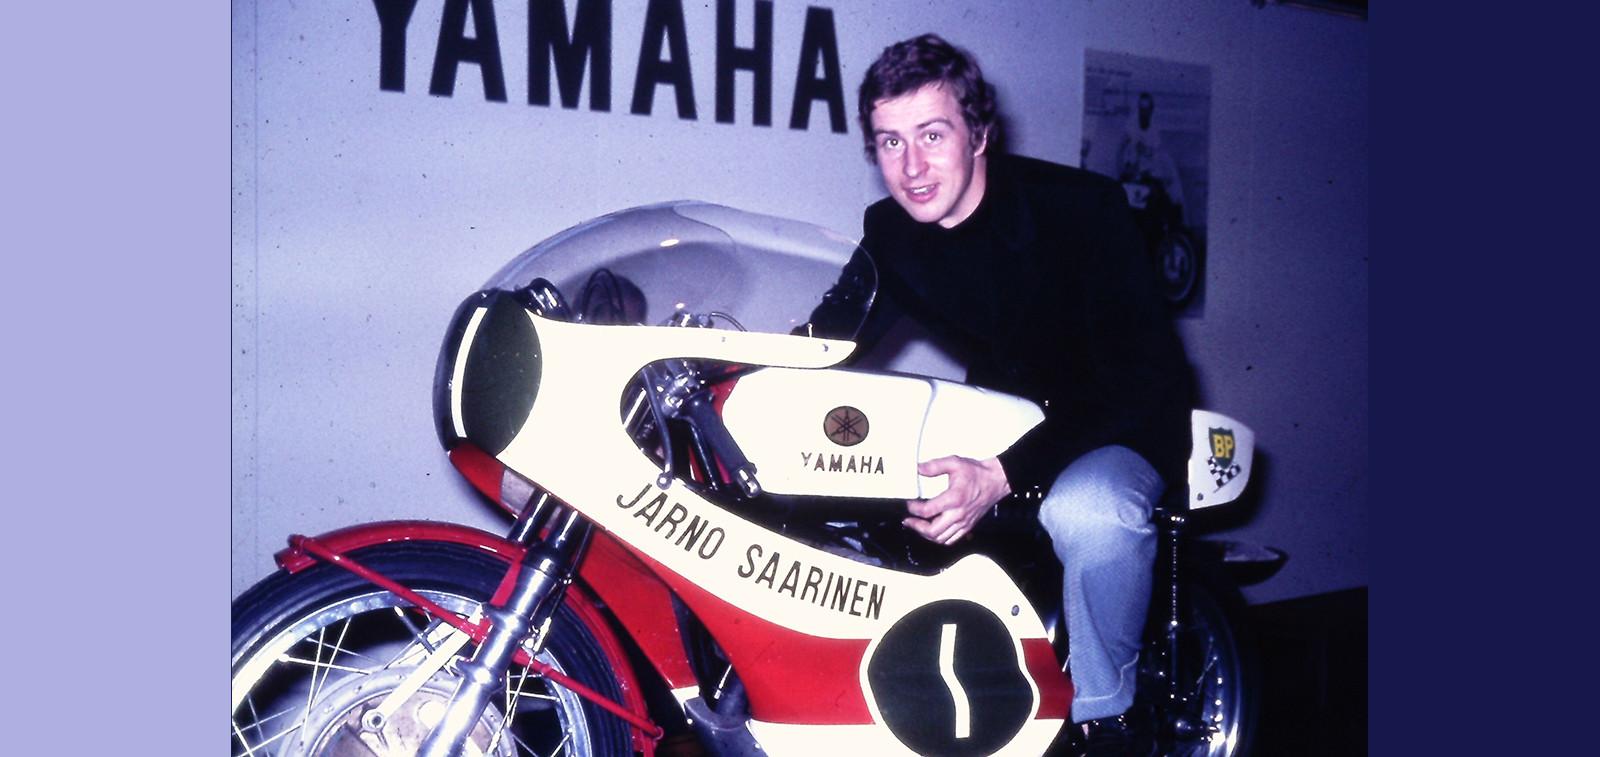 Jarno Saarinen moottoripyörän päällä.